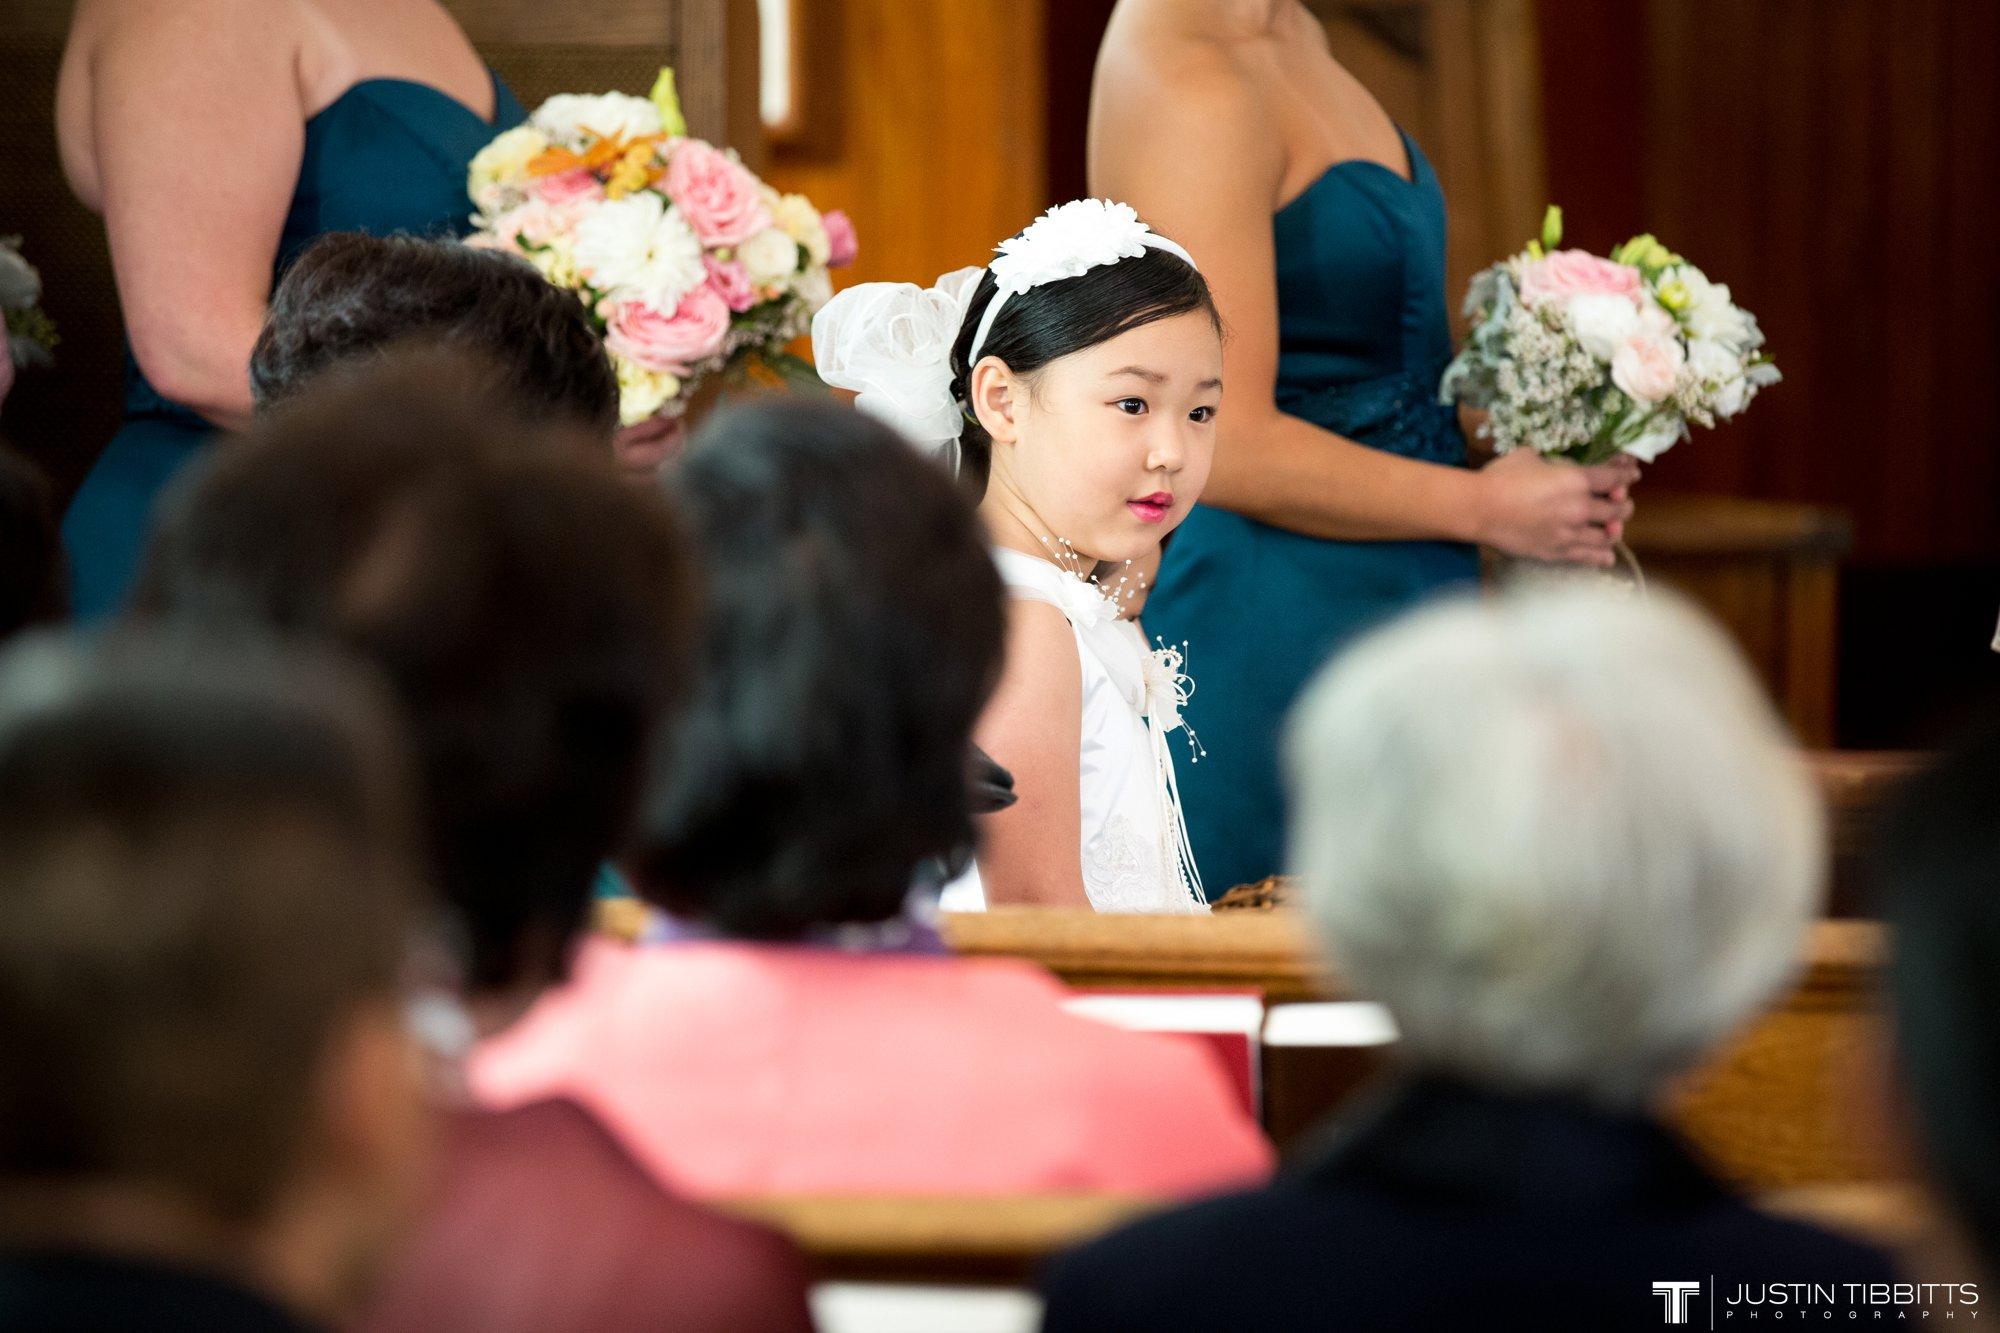 Albany NY Wedding Photographer Justin Tibbitts Photography 2014 Best of Albany NY Weddings-3343920283